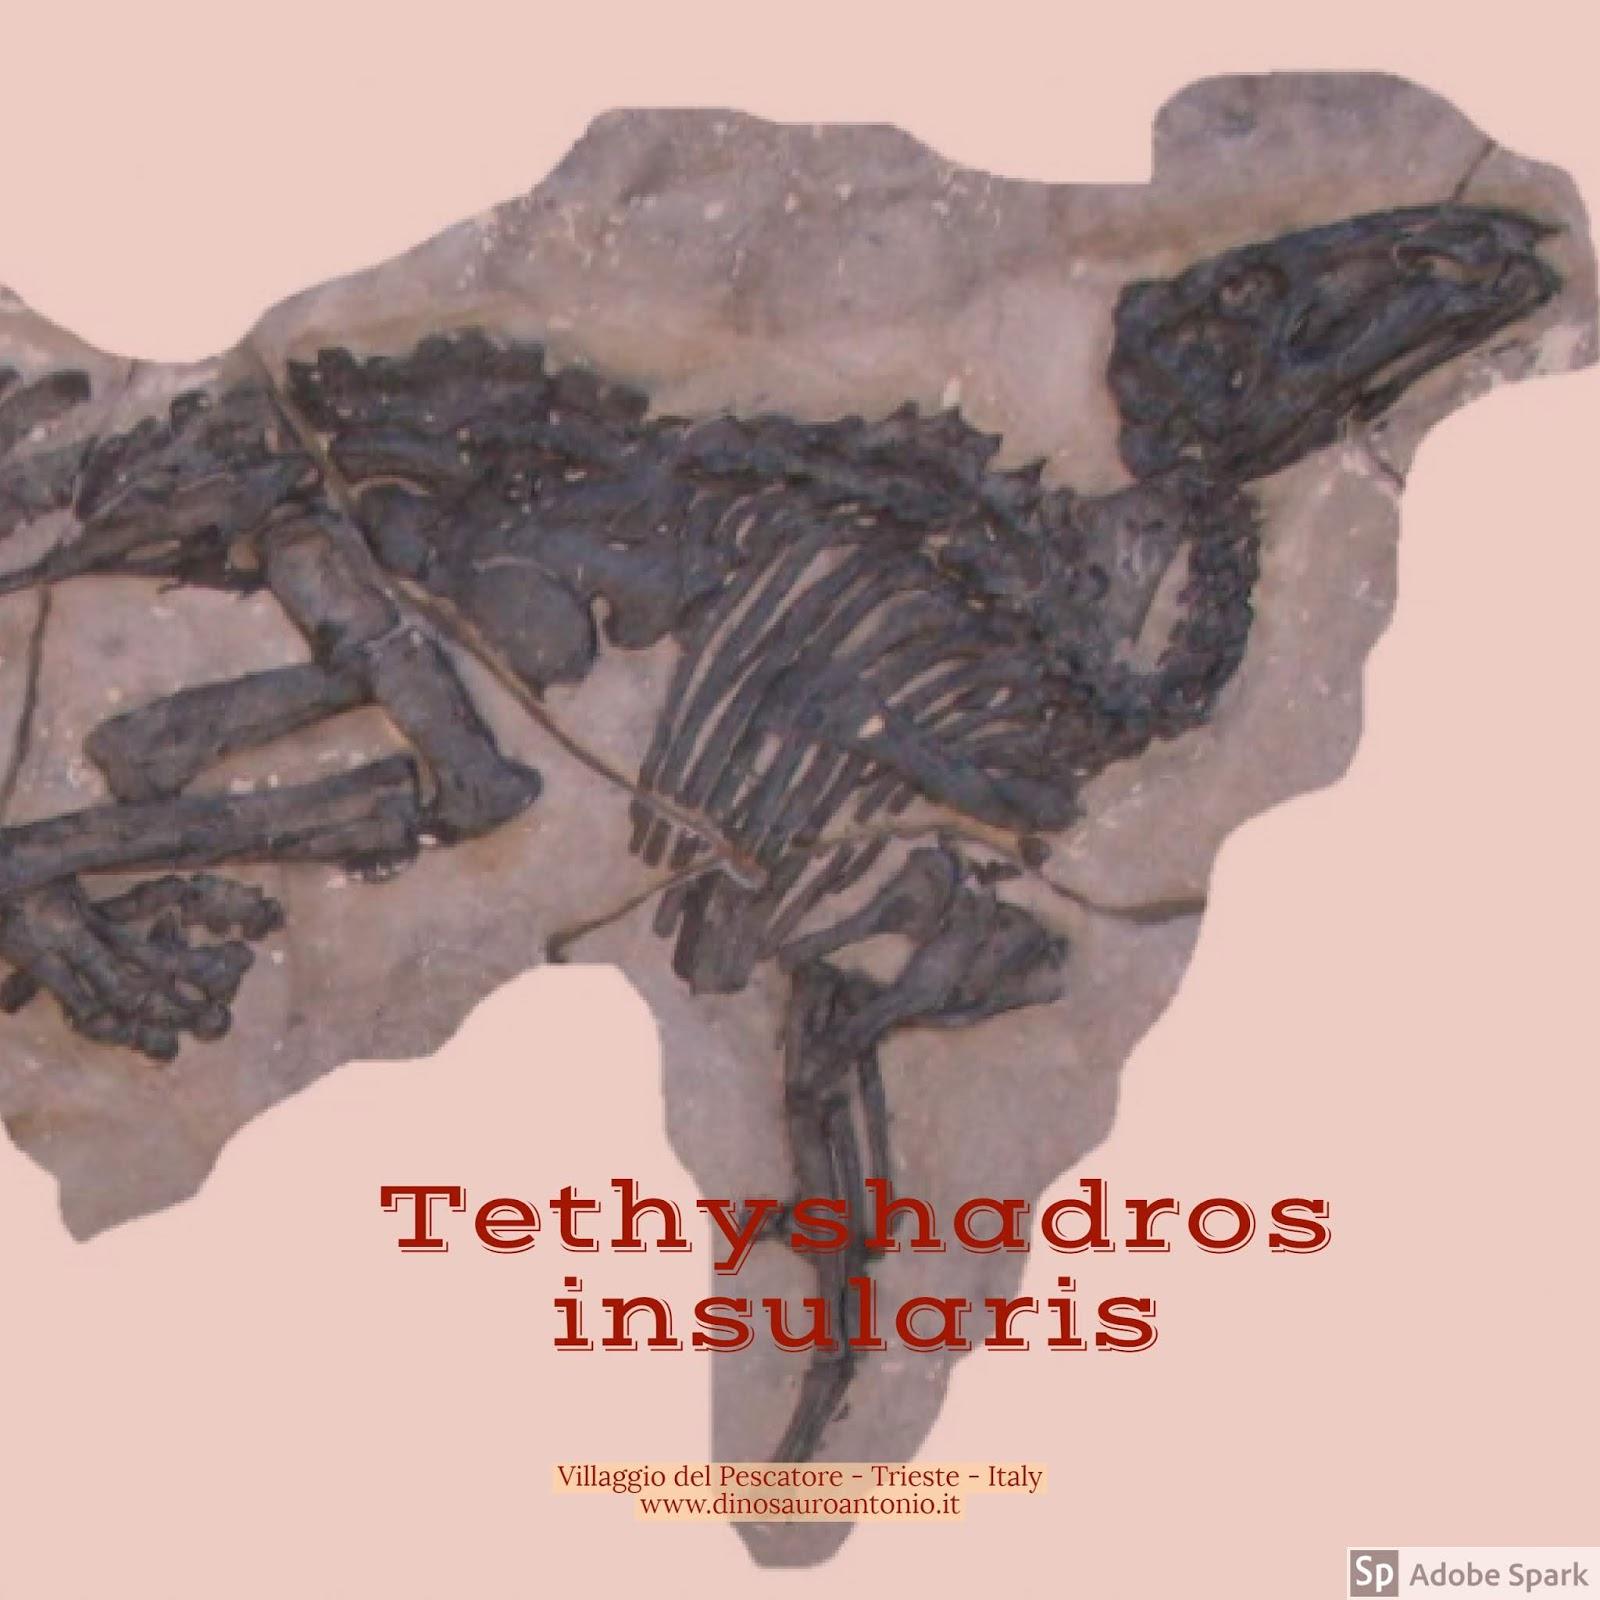 Attività di dating relativo fossile